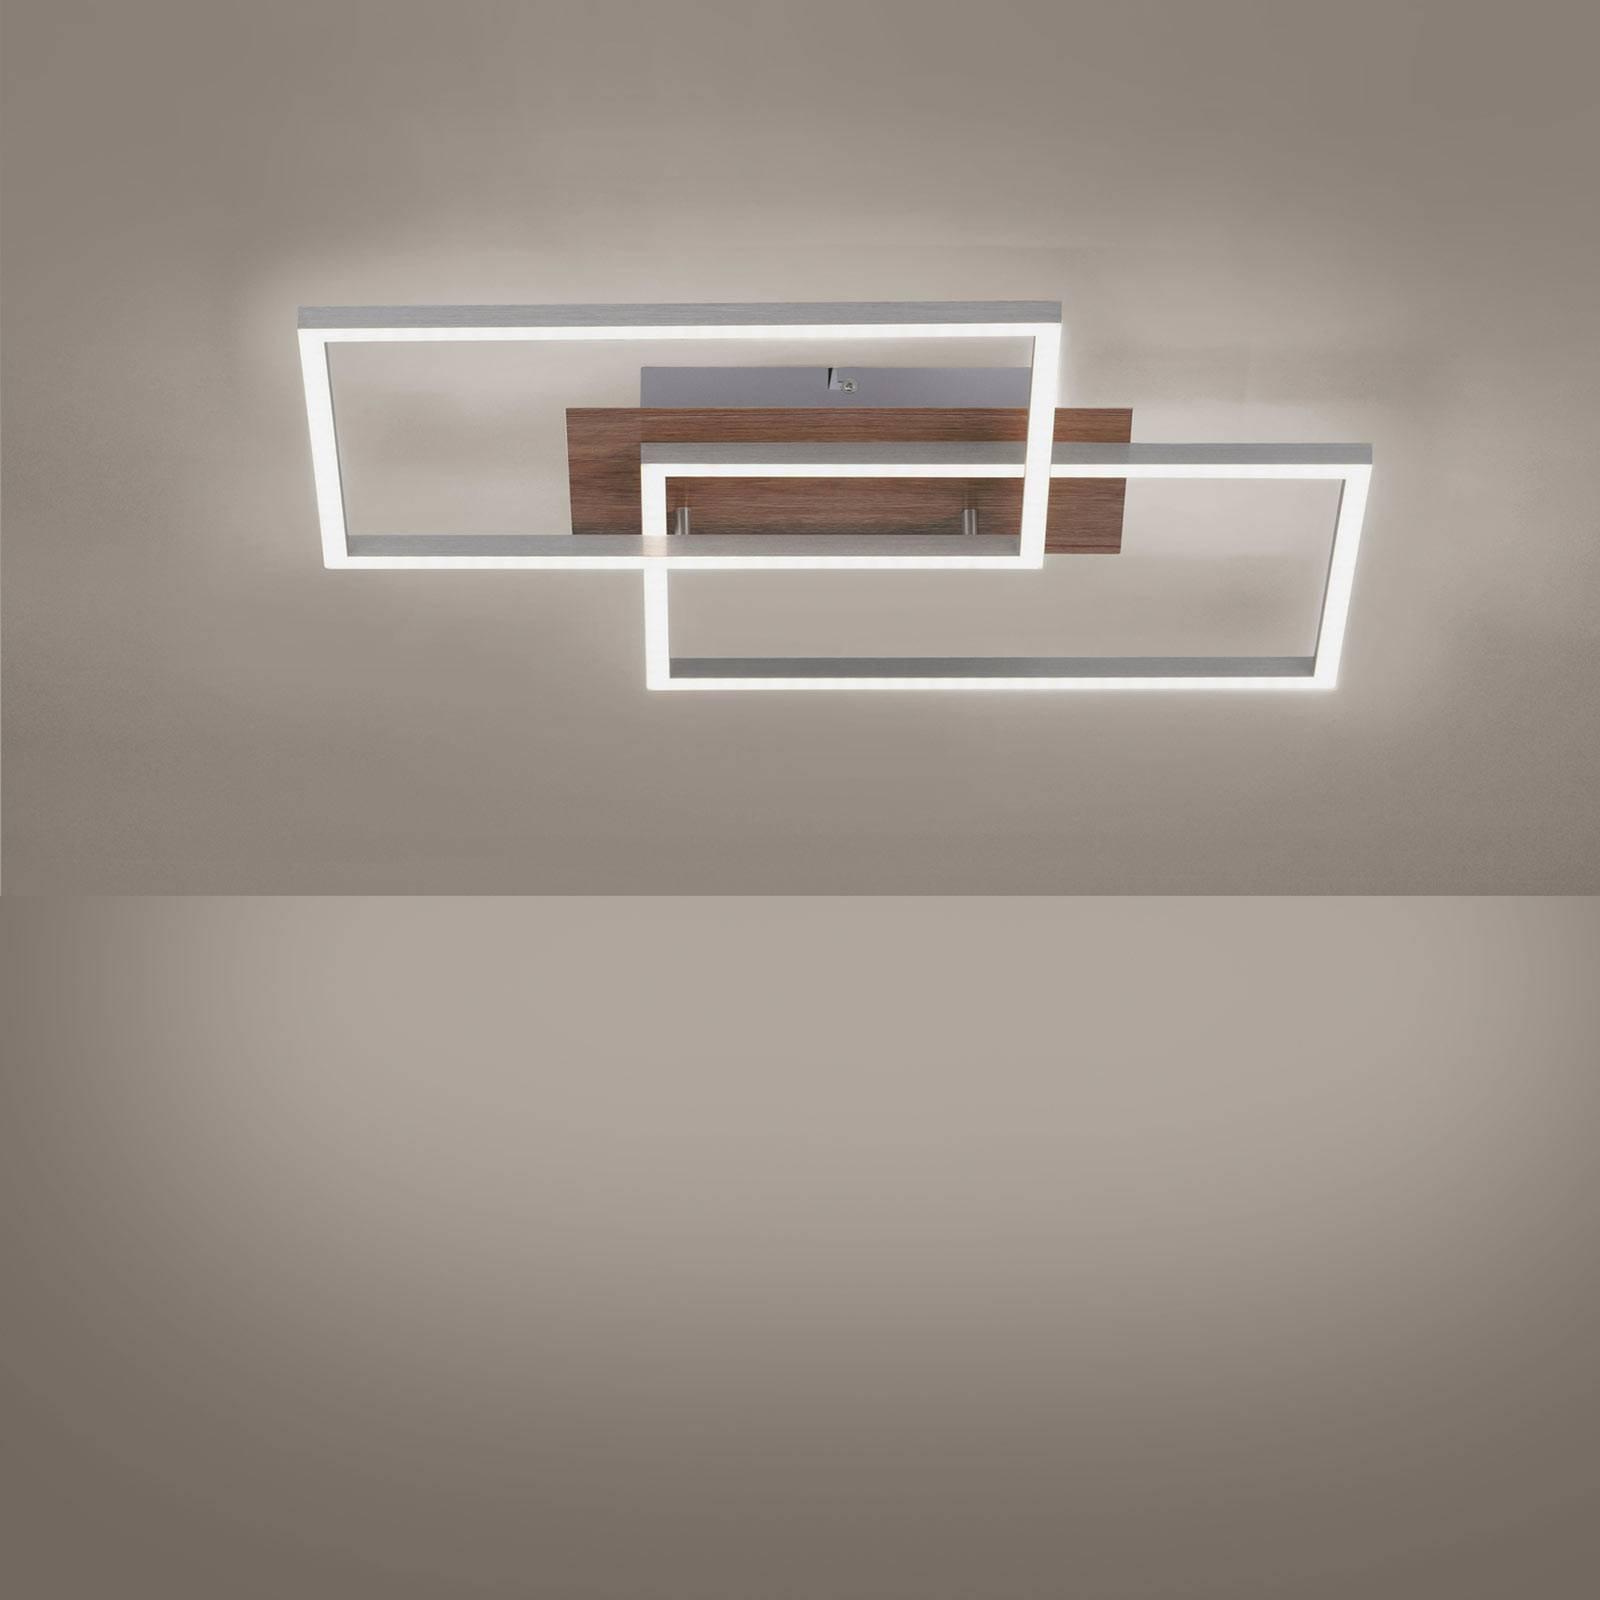 Iven LED-taklampe tre-dekor/stål 2Fl kvadrat